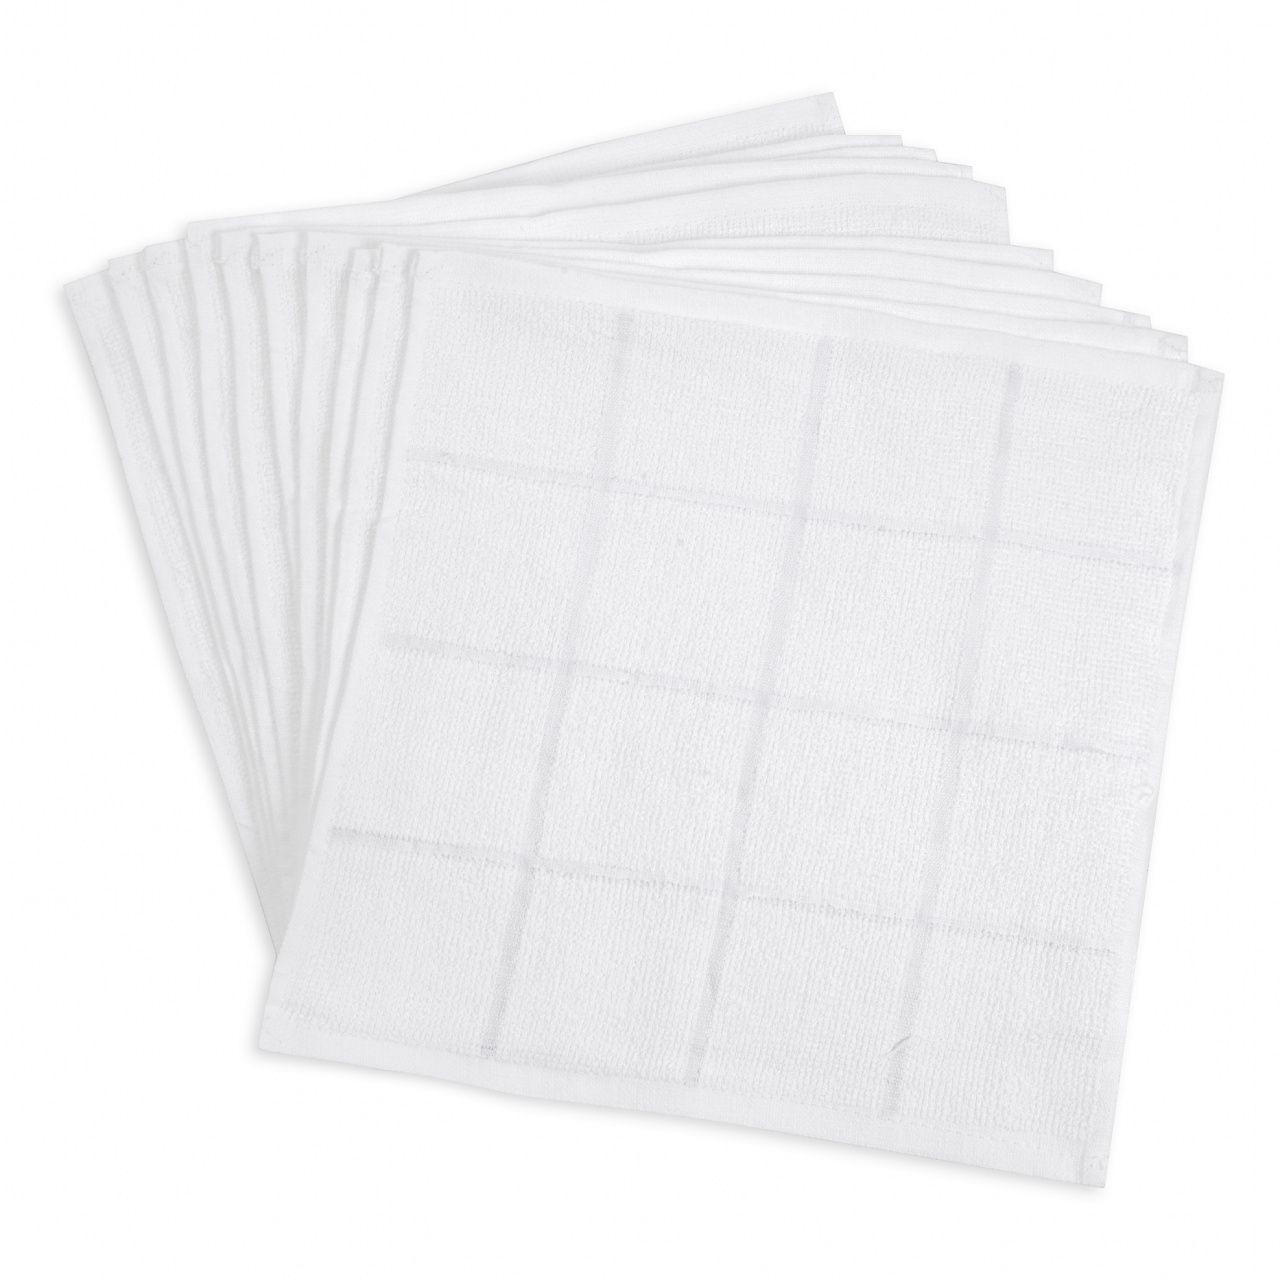 70匁 おしぼりタオル白 4×4格子